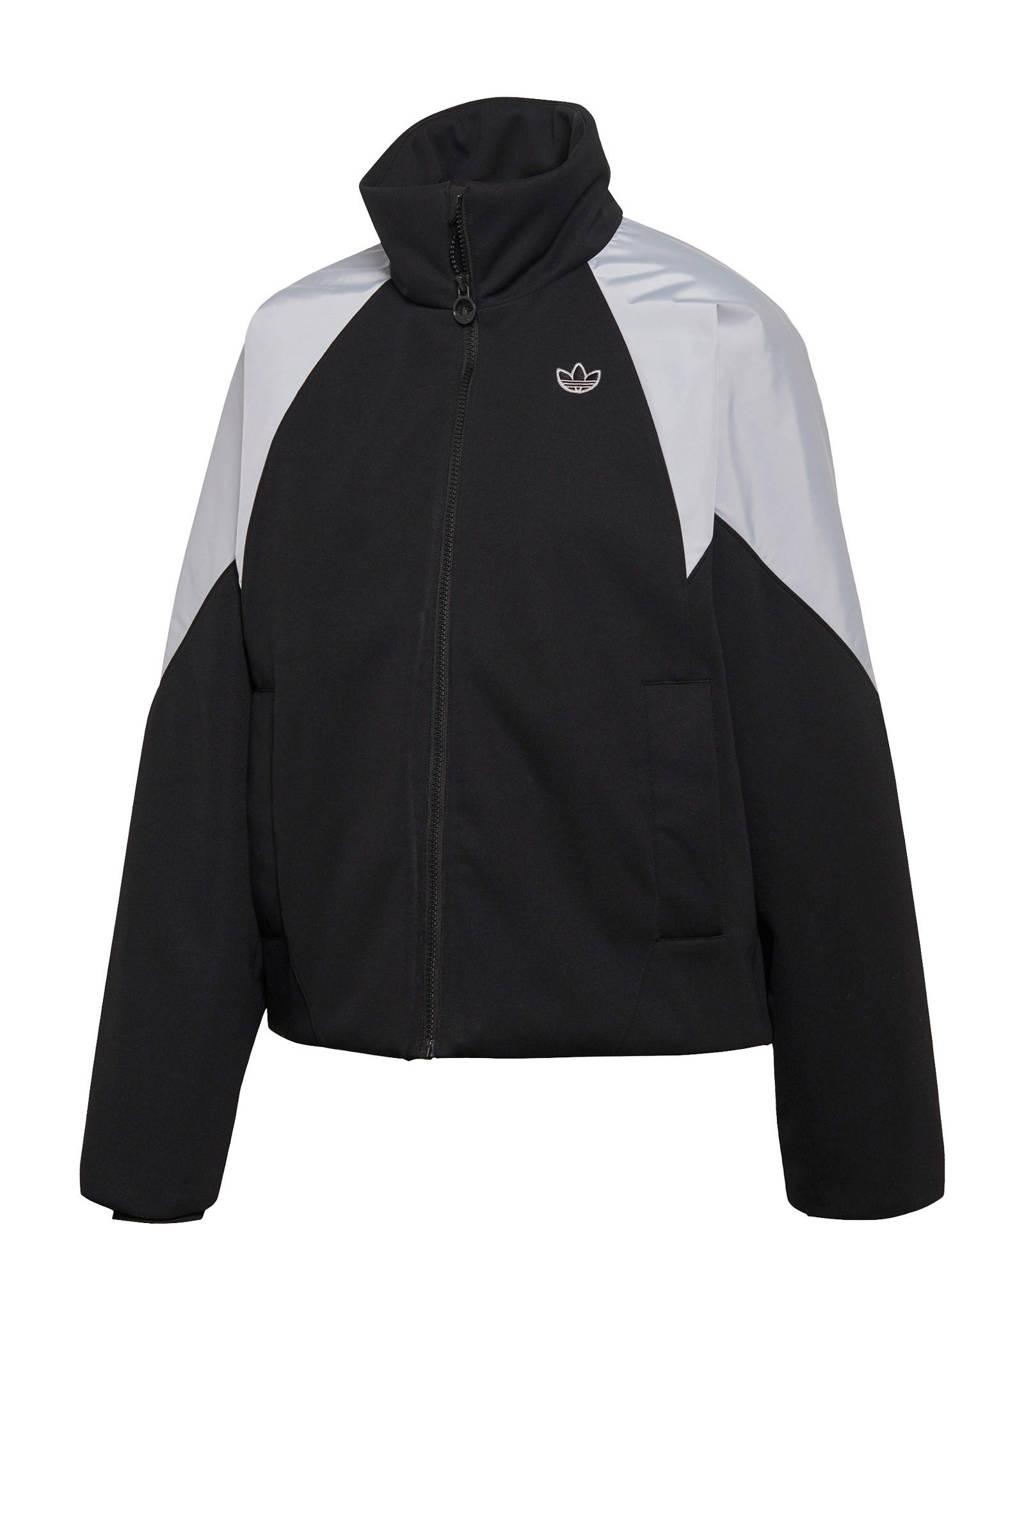 adidas Originals jack zwart/lichtgrijs, Zwart/lichtgrijs